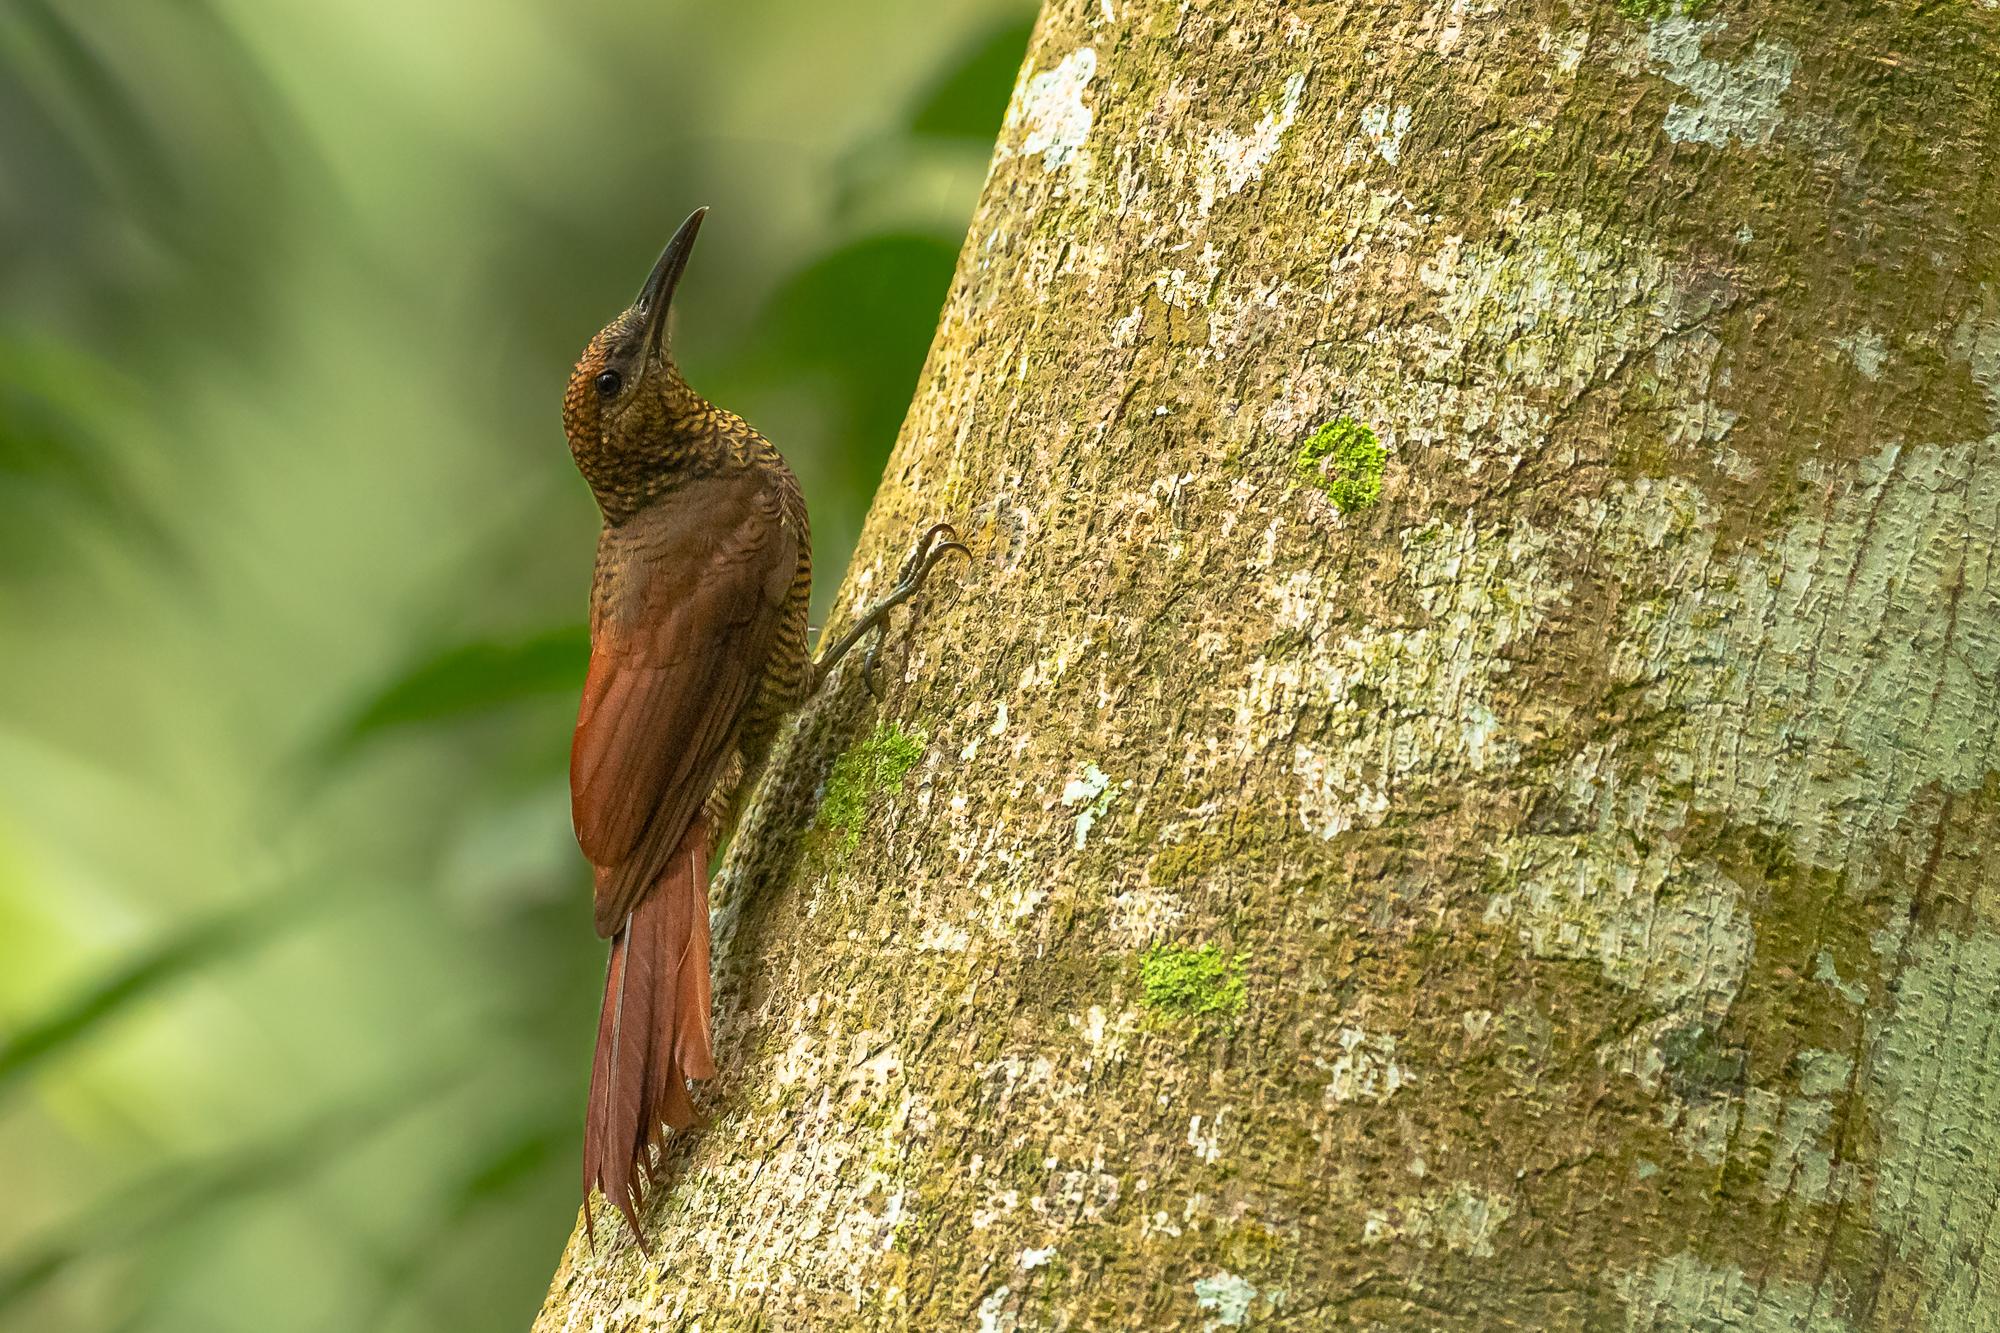 Nördlicher Bindenbaumsteiger oder barred woodcreeper(Dendrocolaptes sanctithomae) im Regenwald von Costa Rica